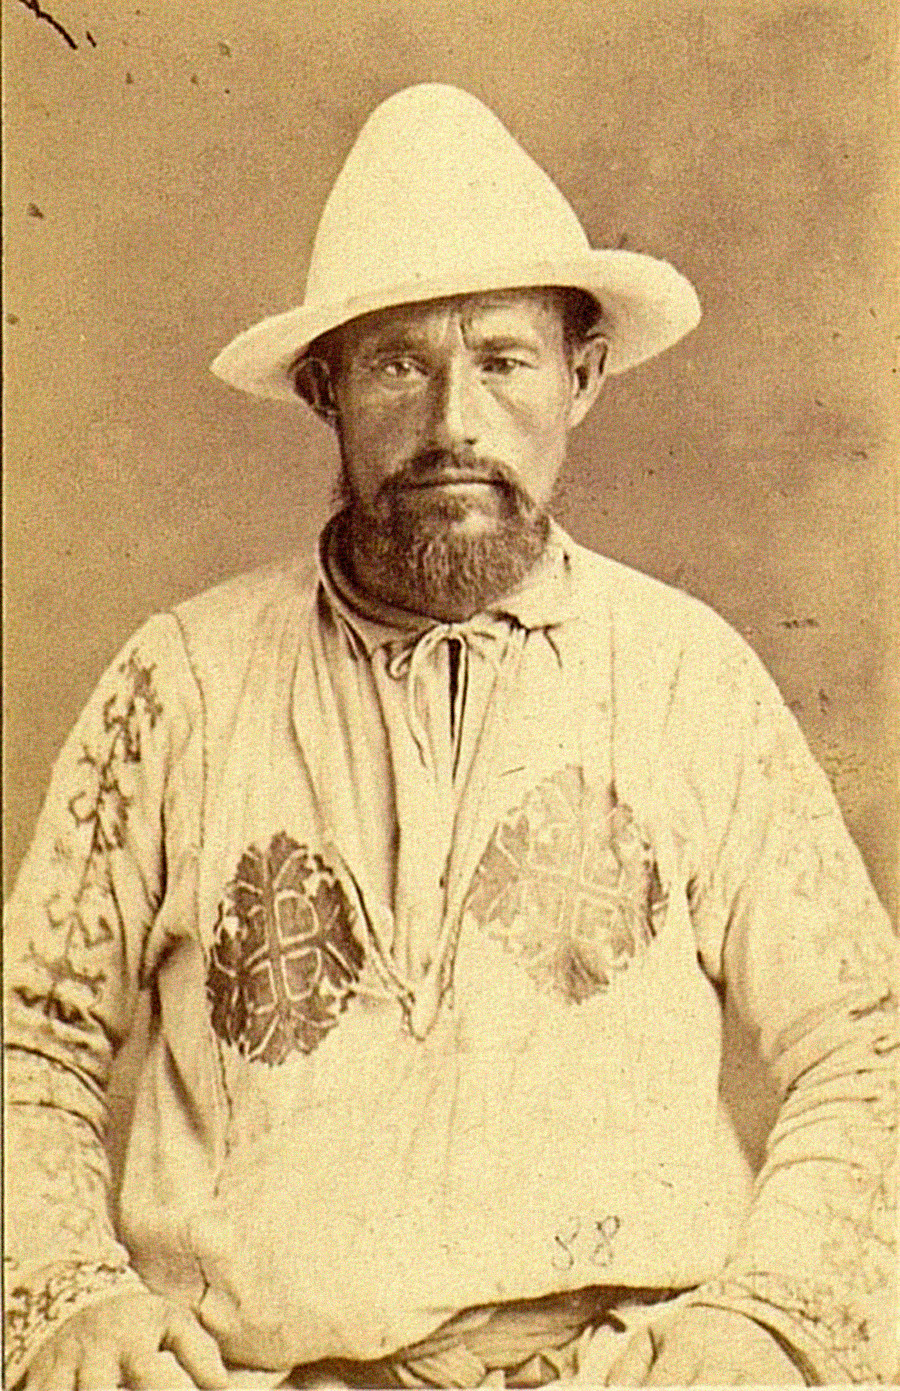 タタール人、カザン県(現タタールスタン共和国)、1880年